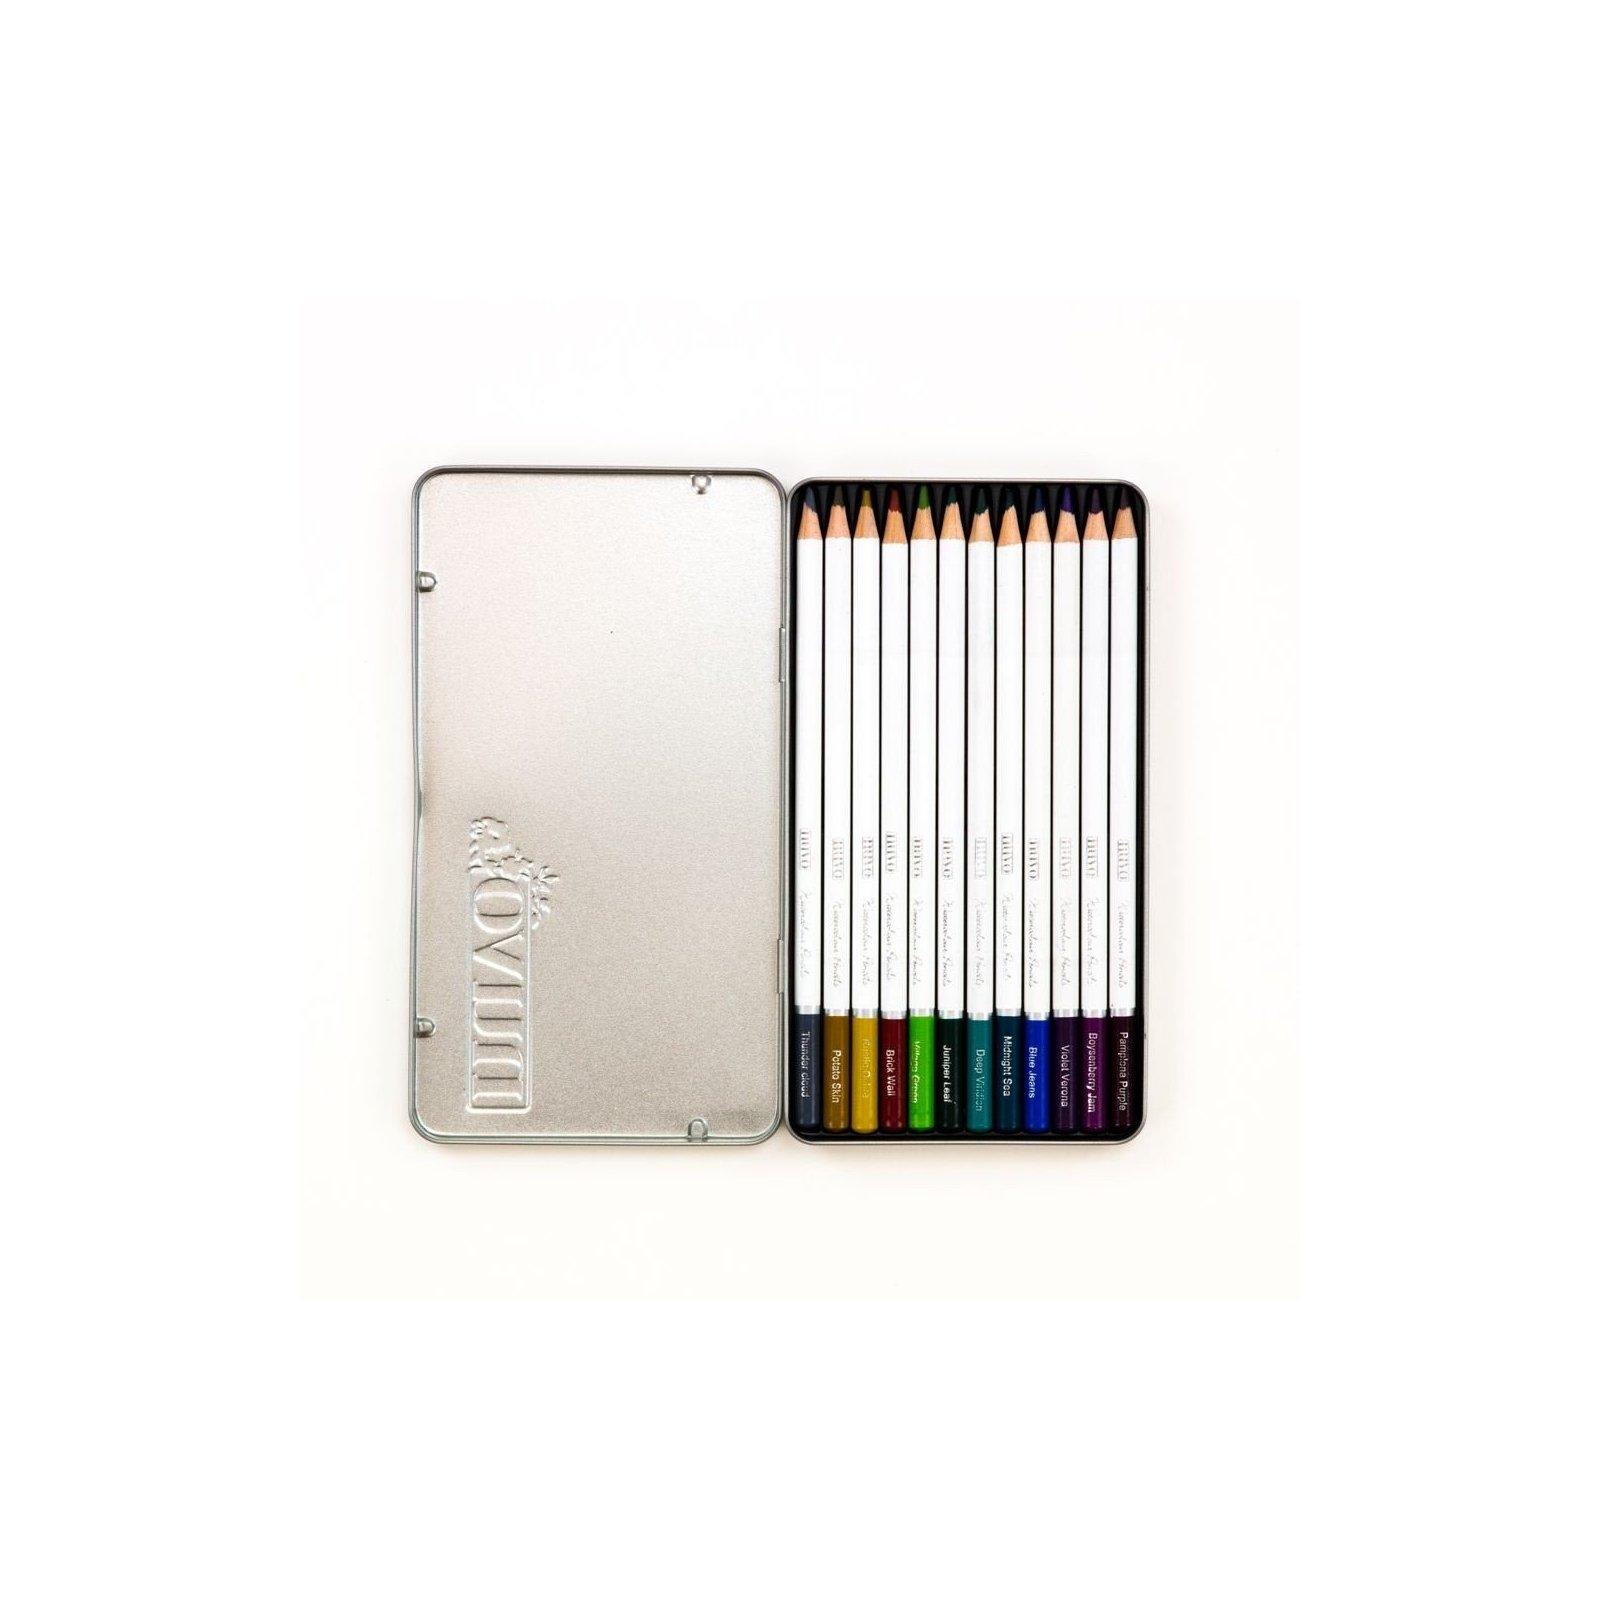 Palette de 12 crayons aquarellables - Dark Shadows - Tonic Studio